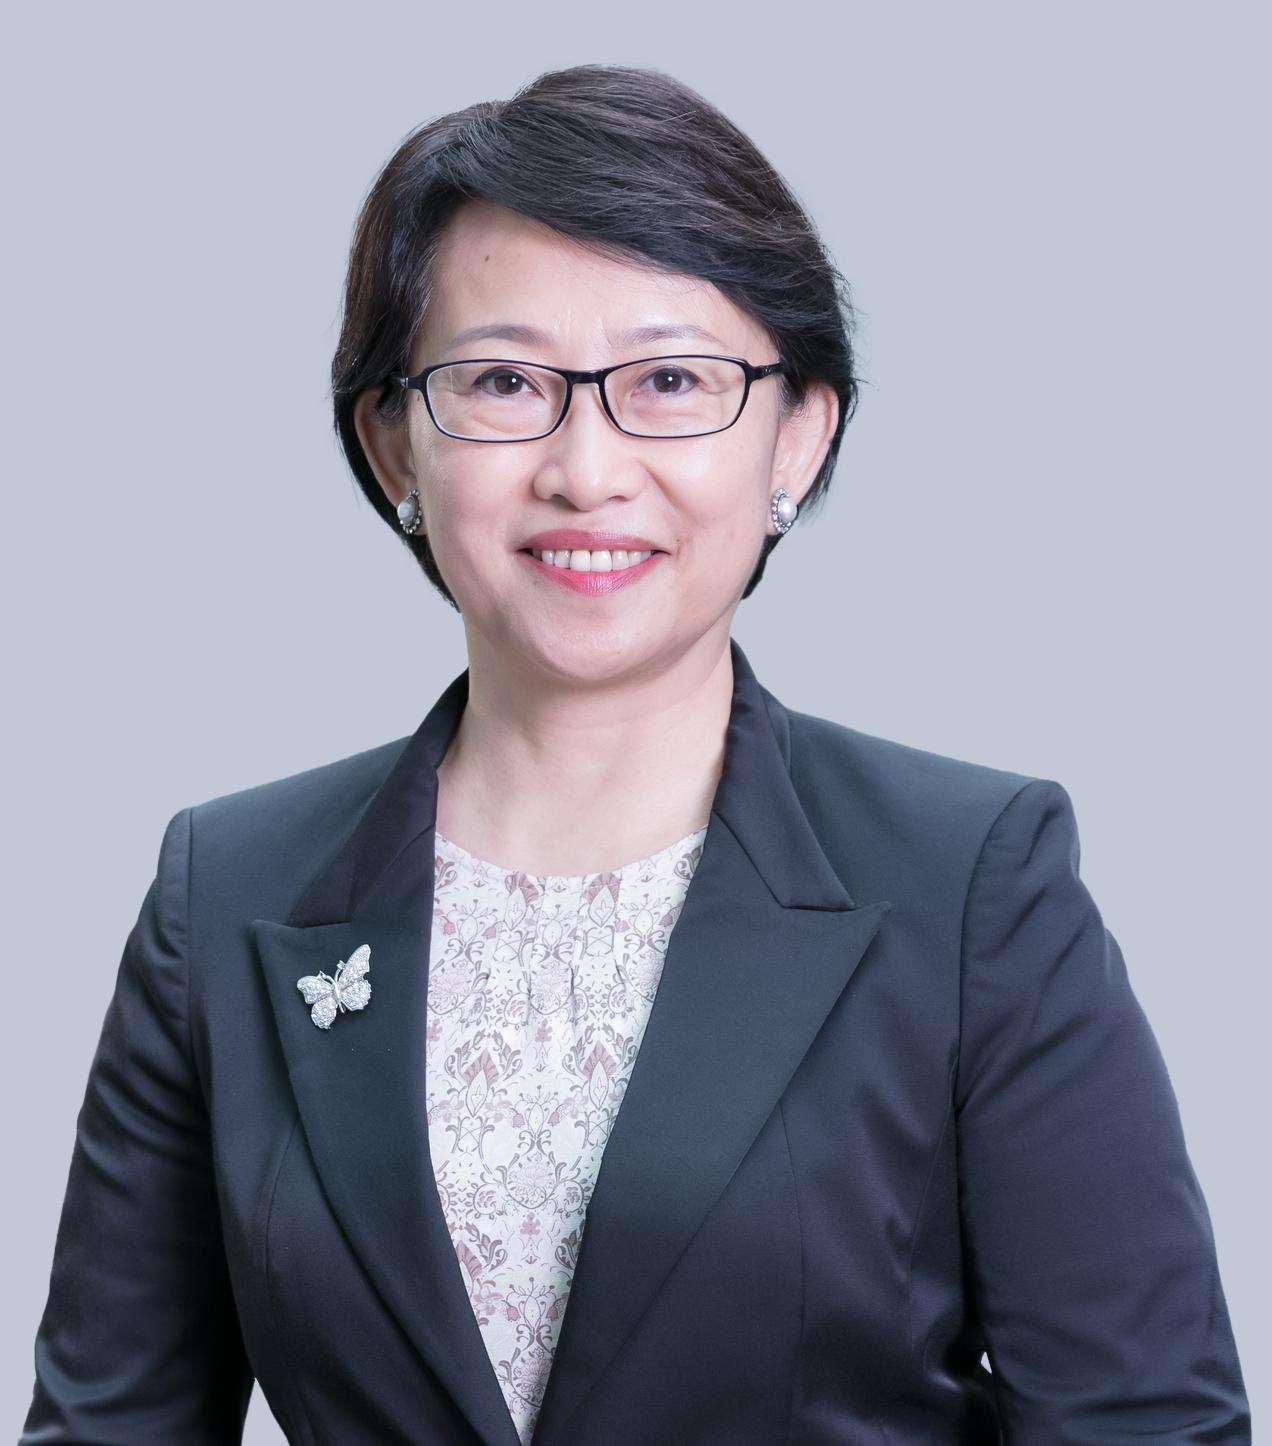 Cláudia Xu nomeada vice-reitora da Universidade de Macau